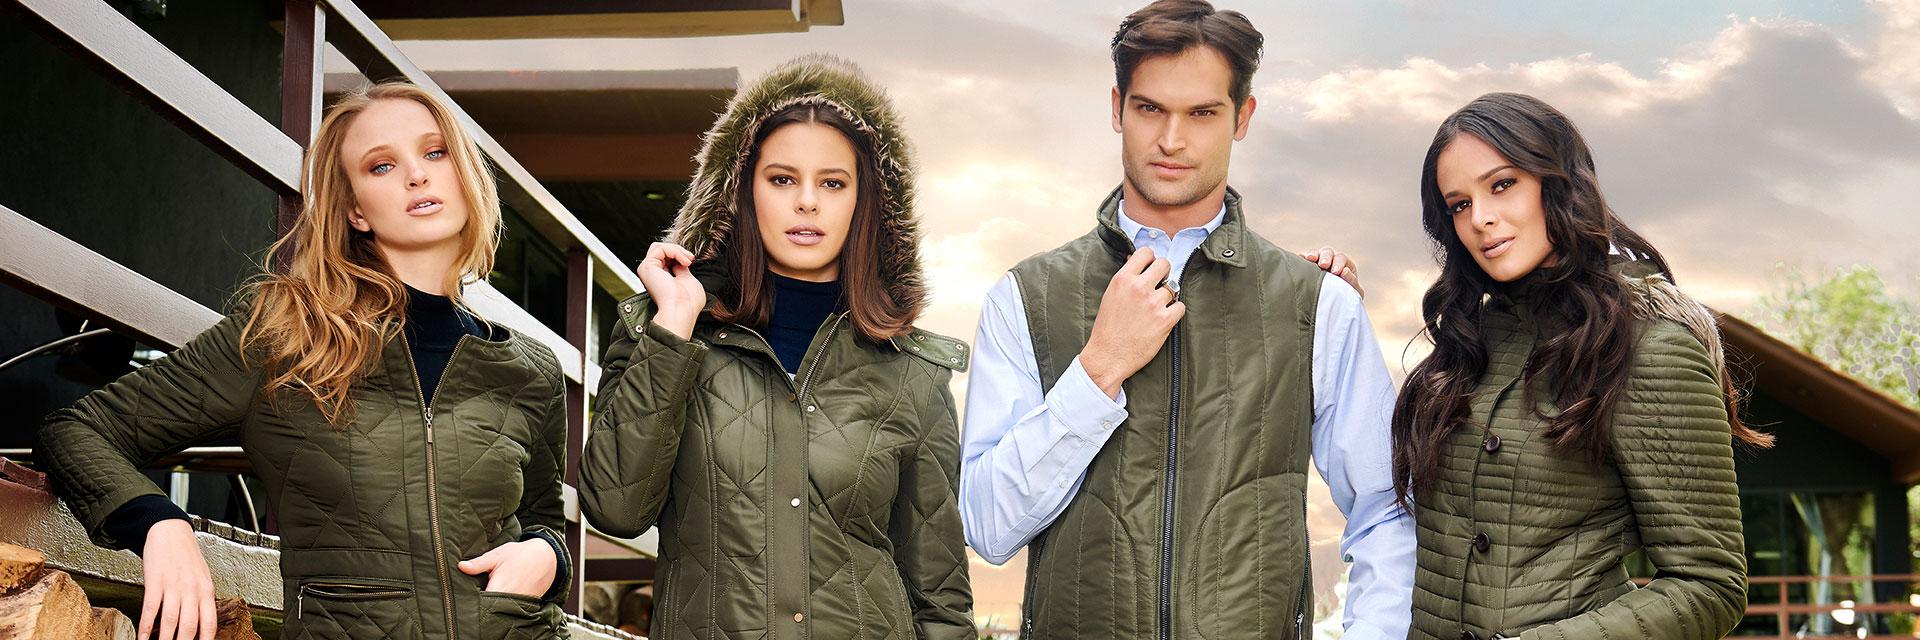 Catalogo de abrigos natanya